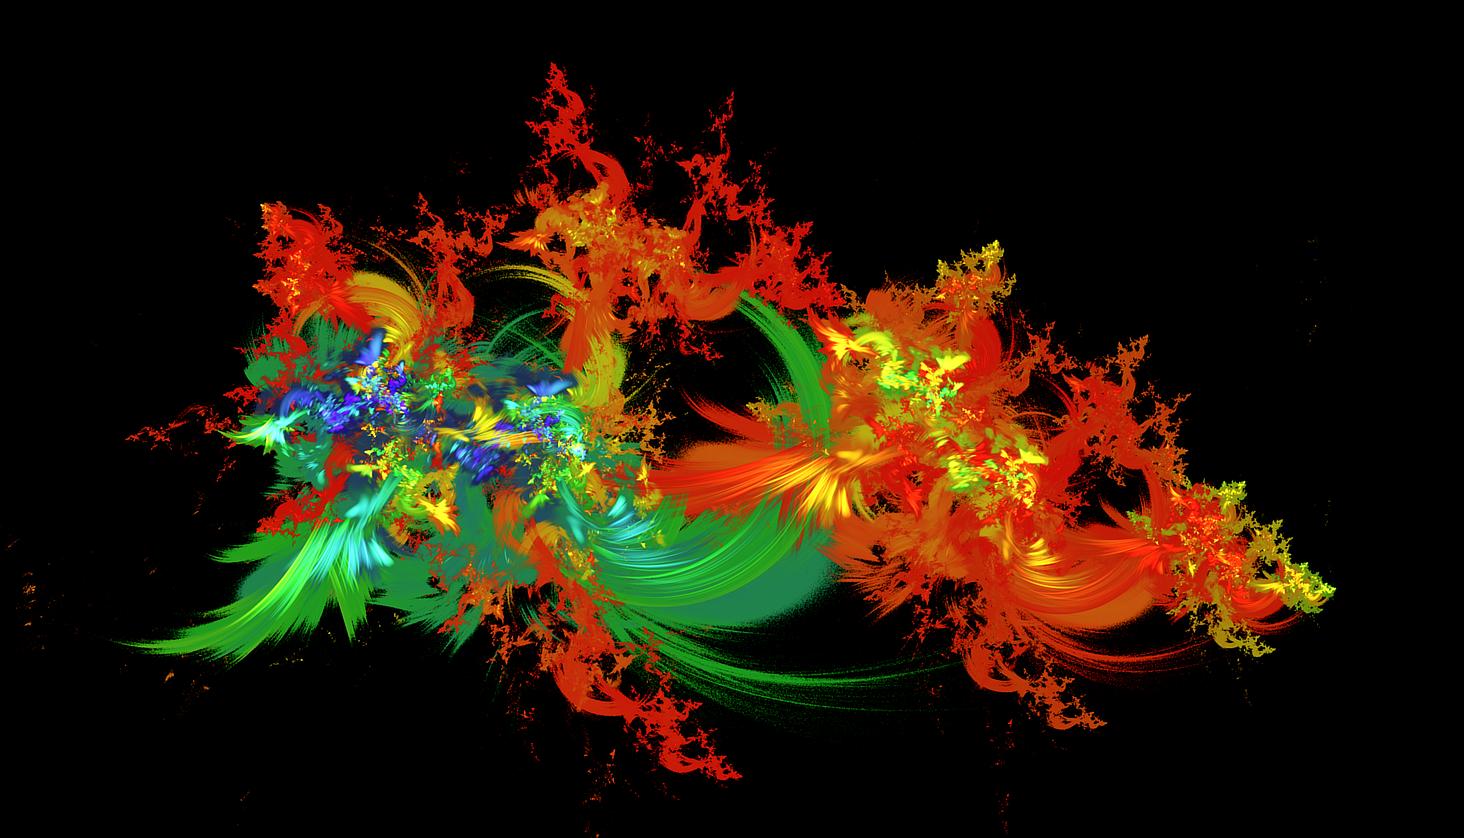 Fractal Free Png Image PNG Image - Fractal PNG